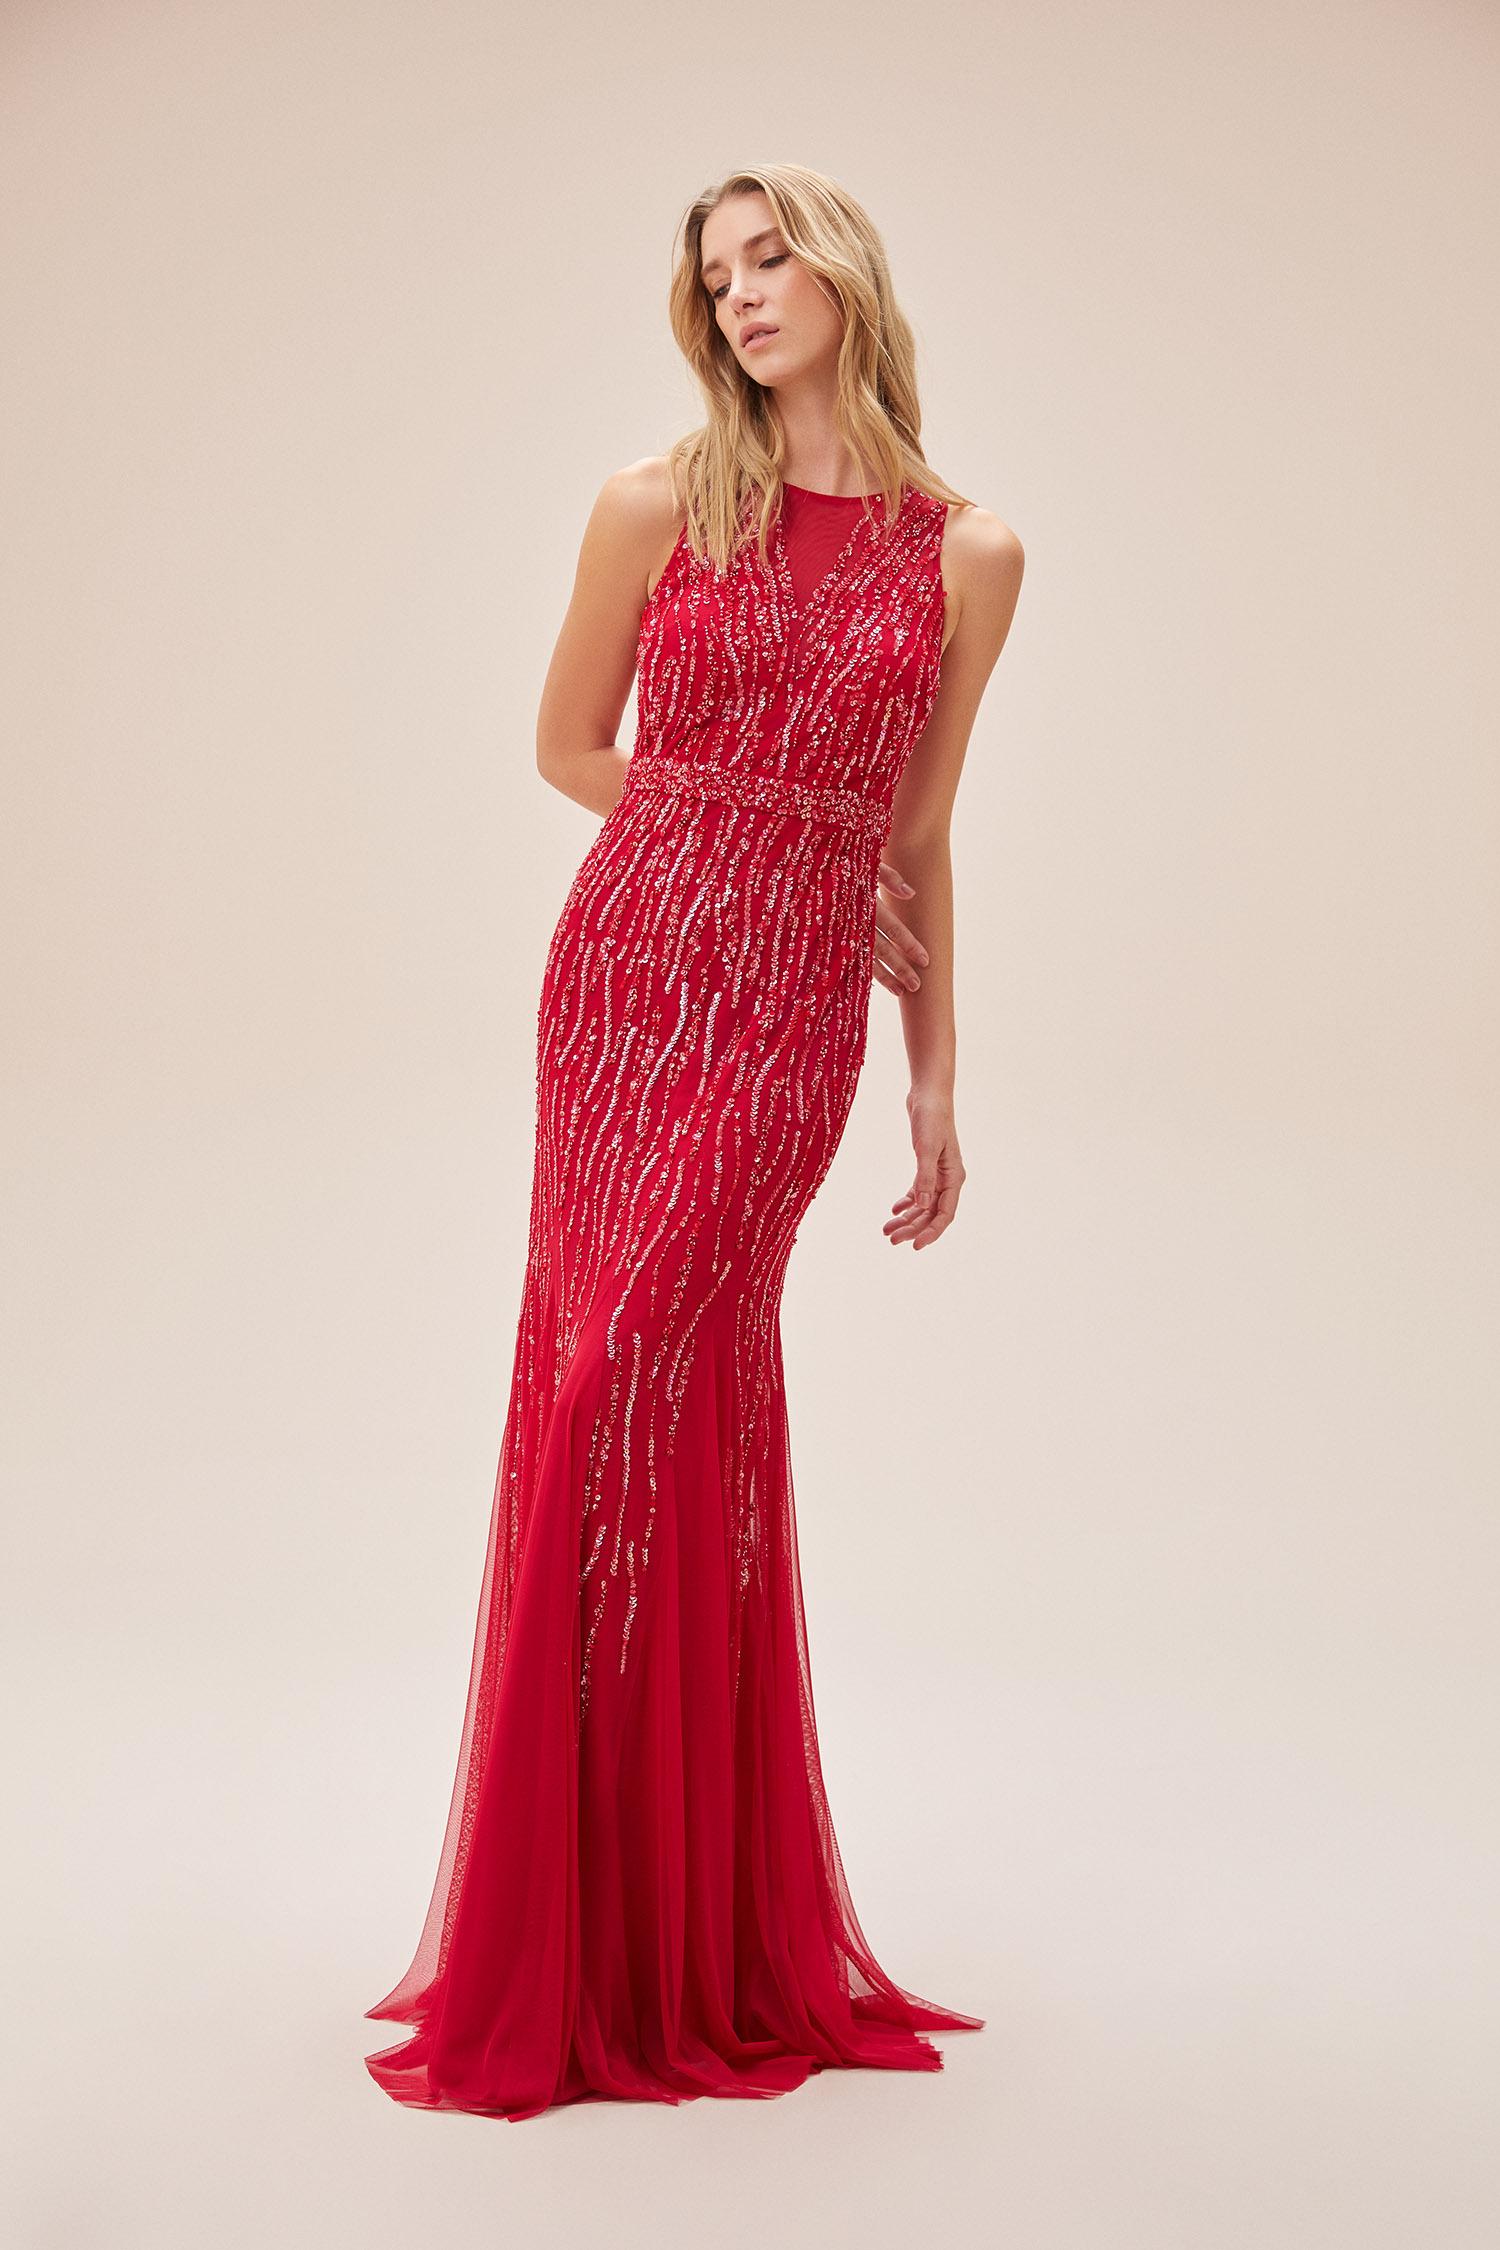 Kırmızı Payet İşlemeli Yuvarlak Yaka Uzun Abiye Elbise - Thumbnail